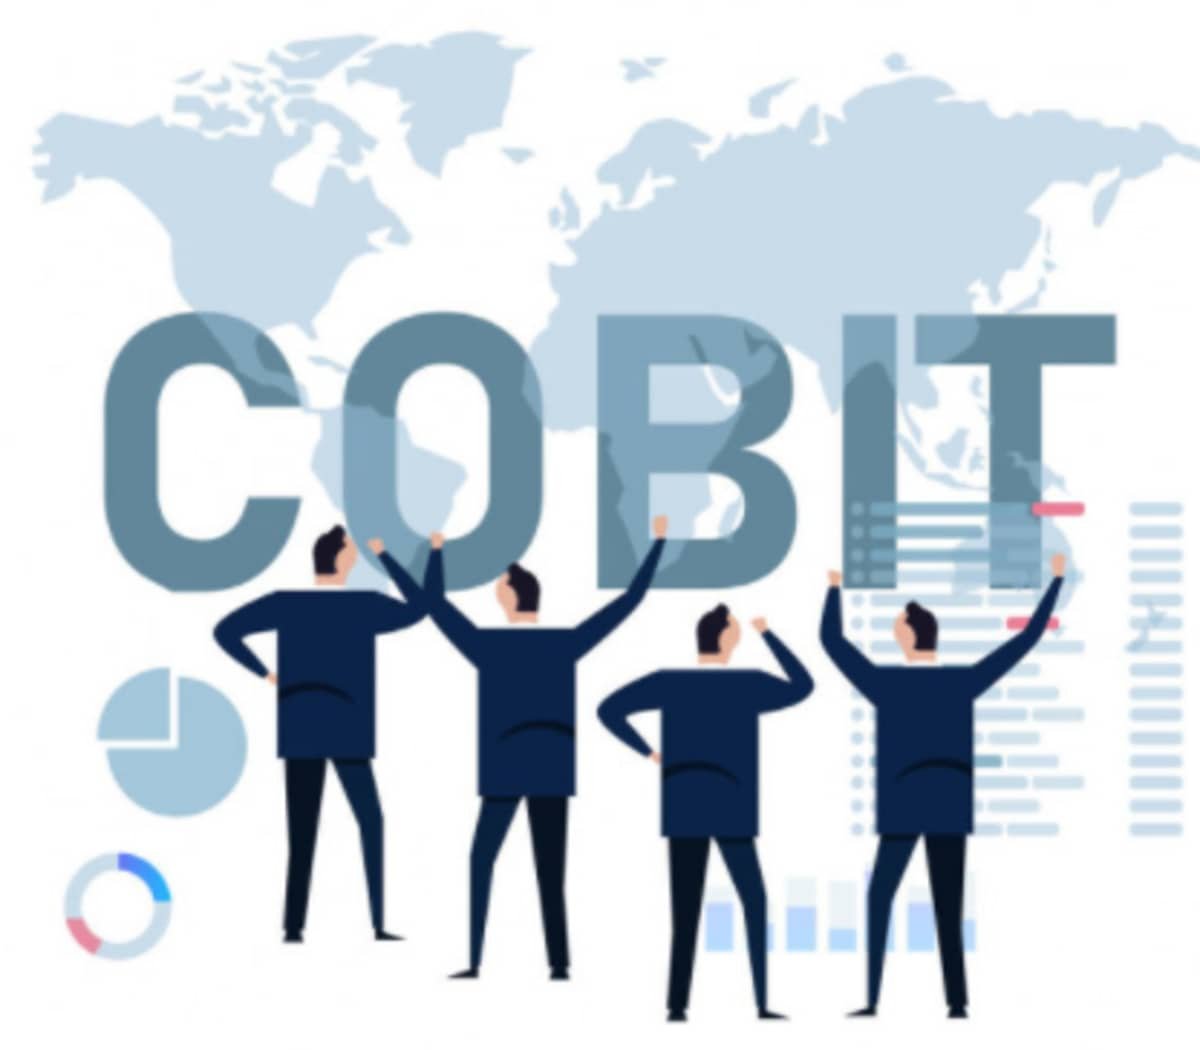 COBIT 5: Princípios, exemplos de uso, domínios, processos de TI e níveis de capacidade